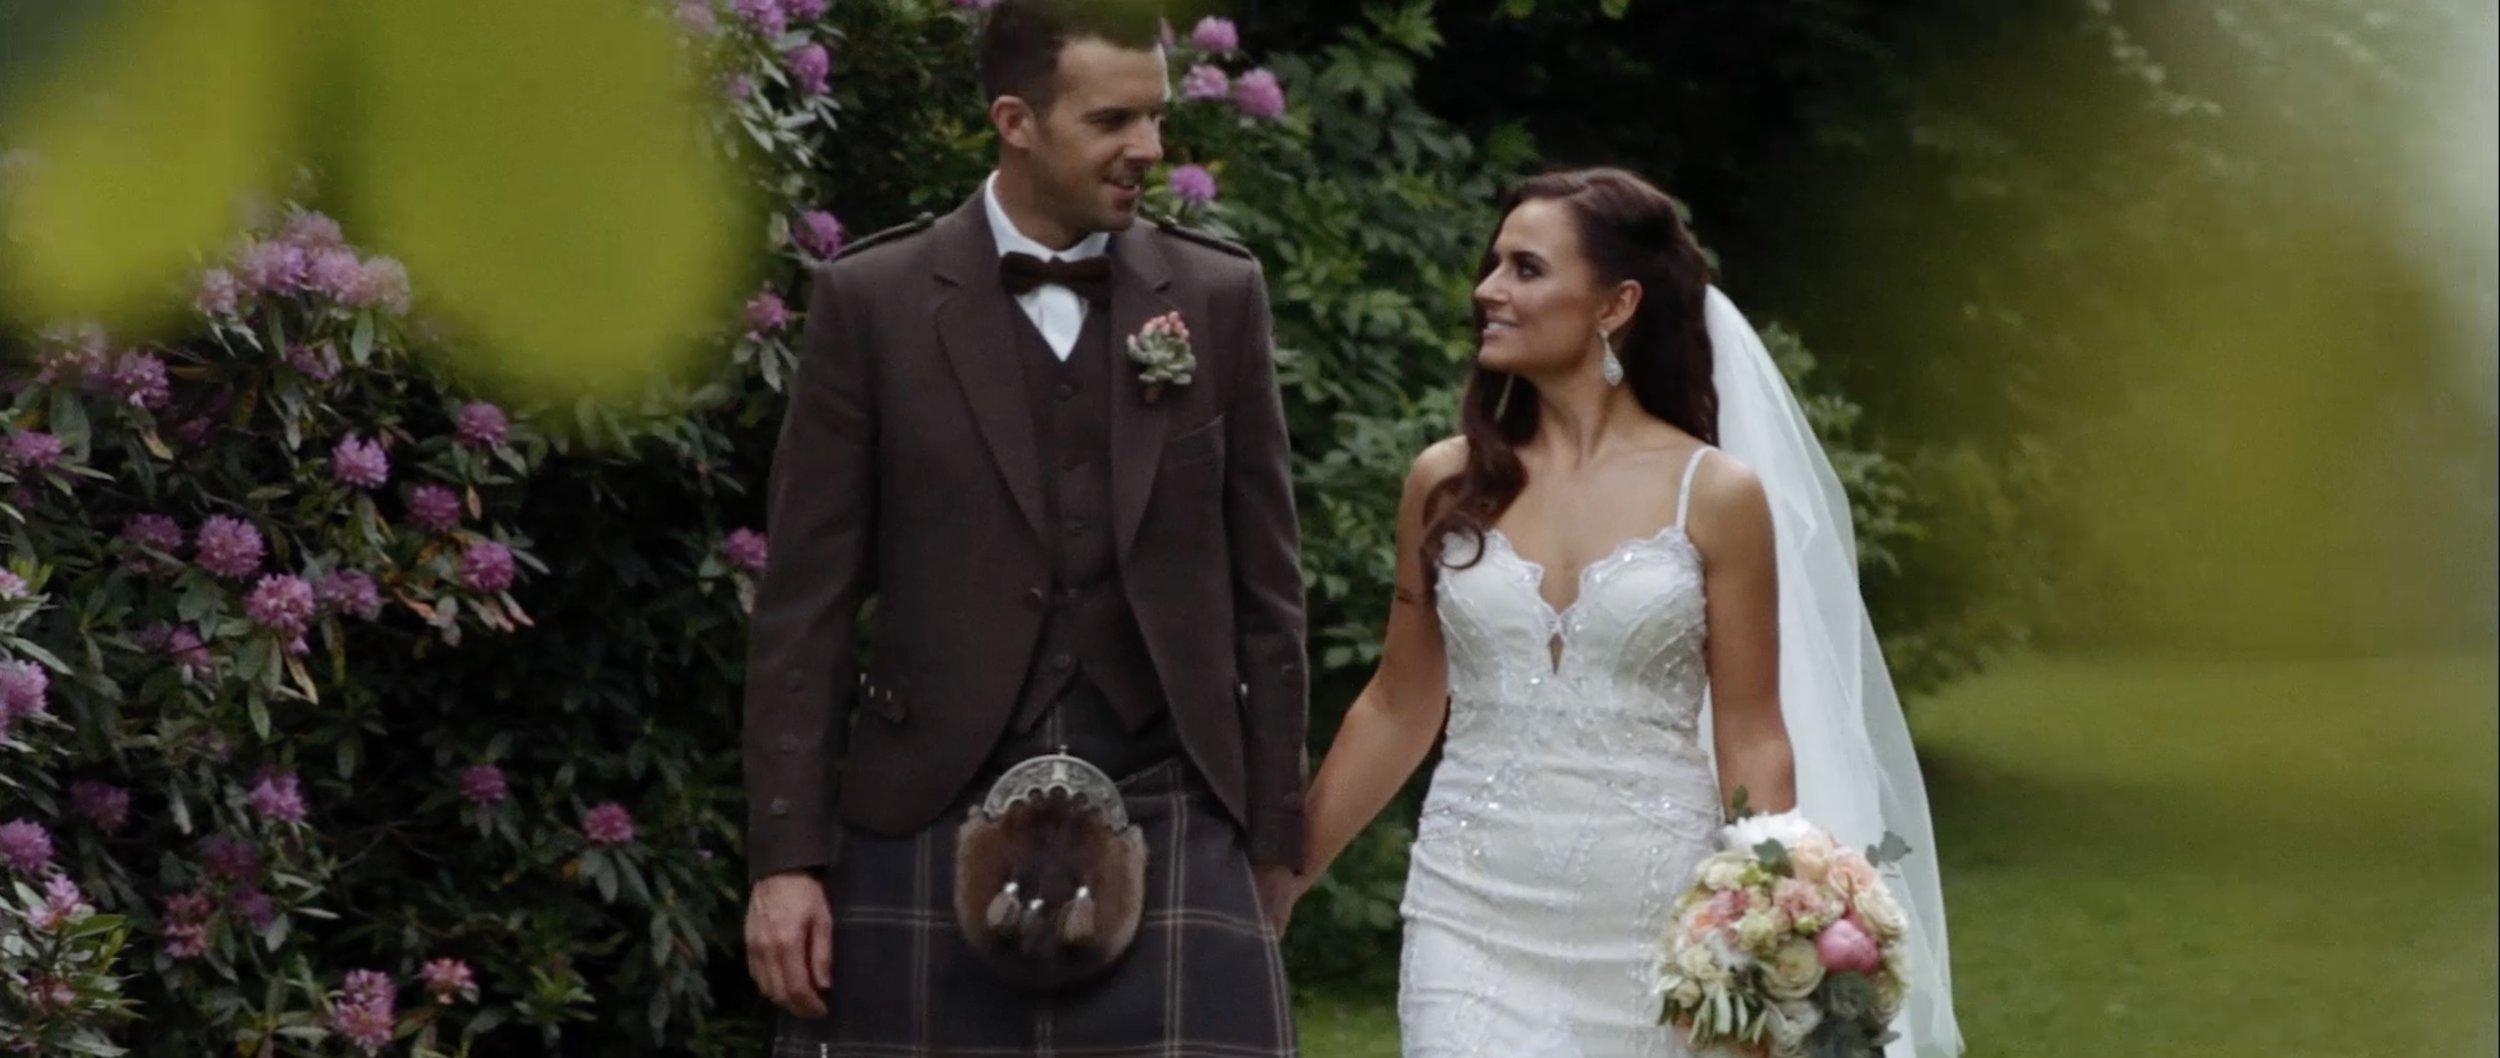 broxmouth-park-wedding-videographer_LL_06.jpg